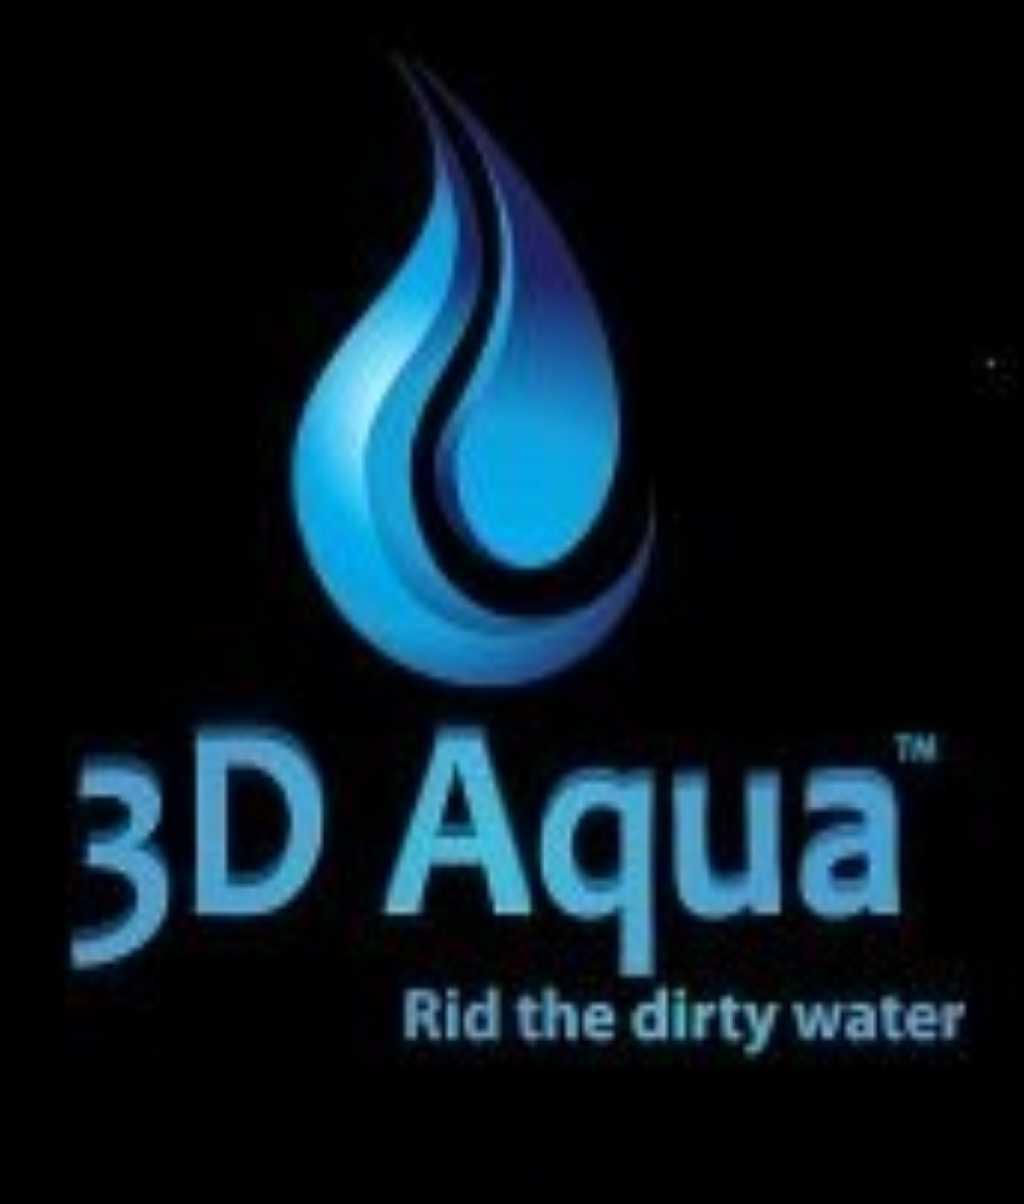 3D AQUA WATER TREATMENT COMPANY